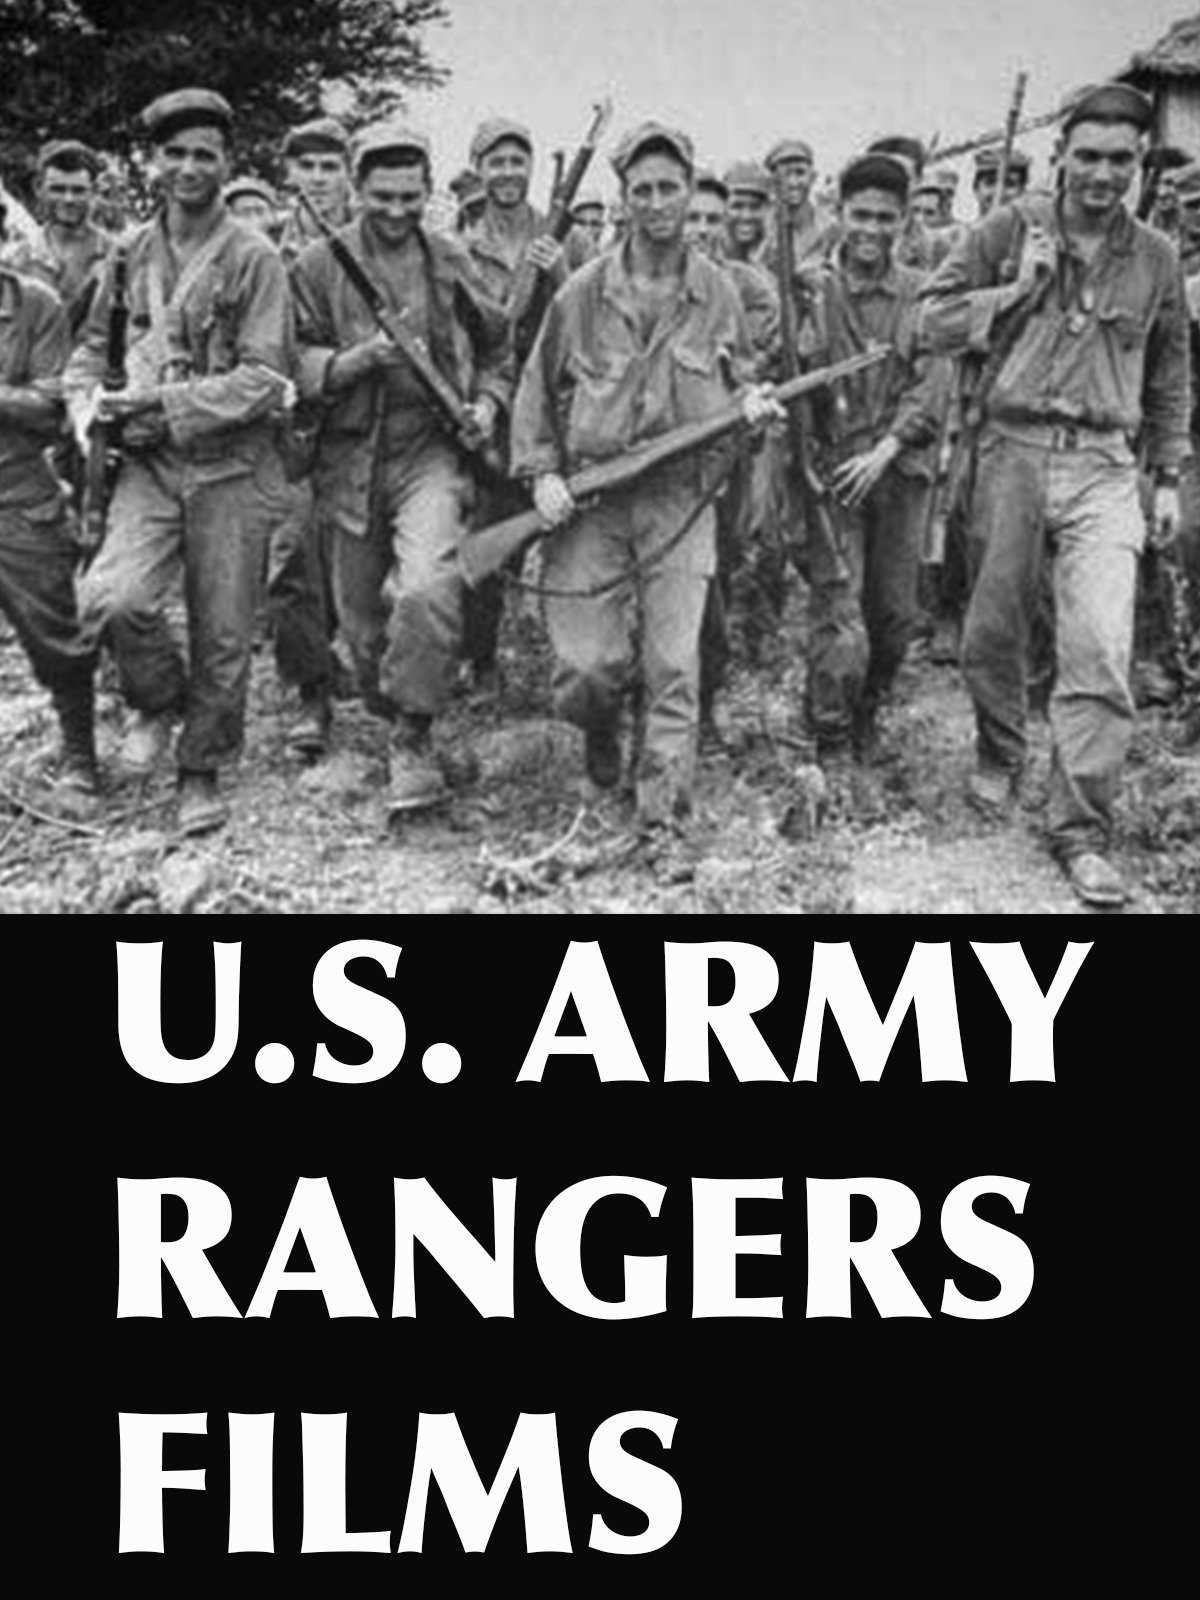 U.S. Army Rangers Films